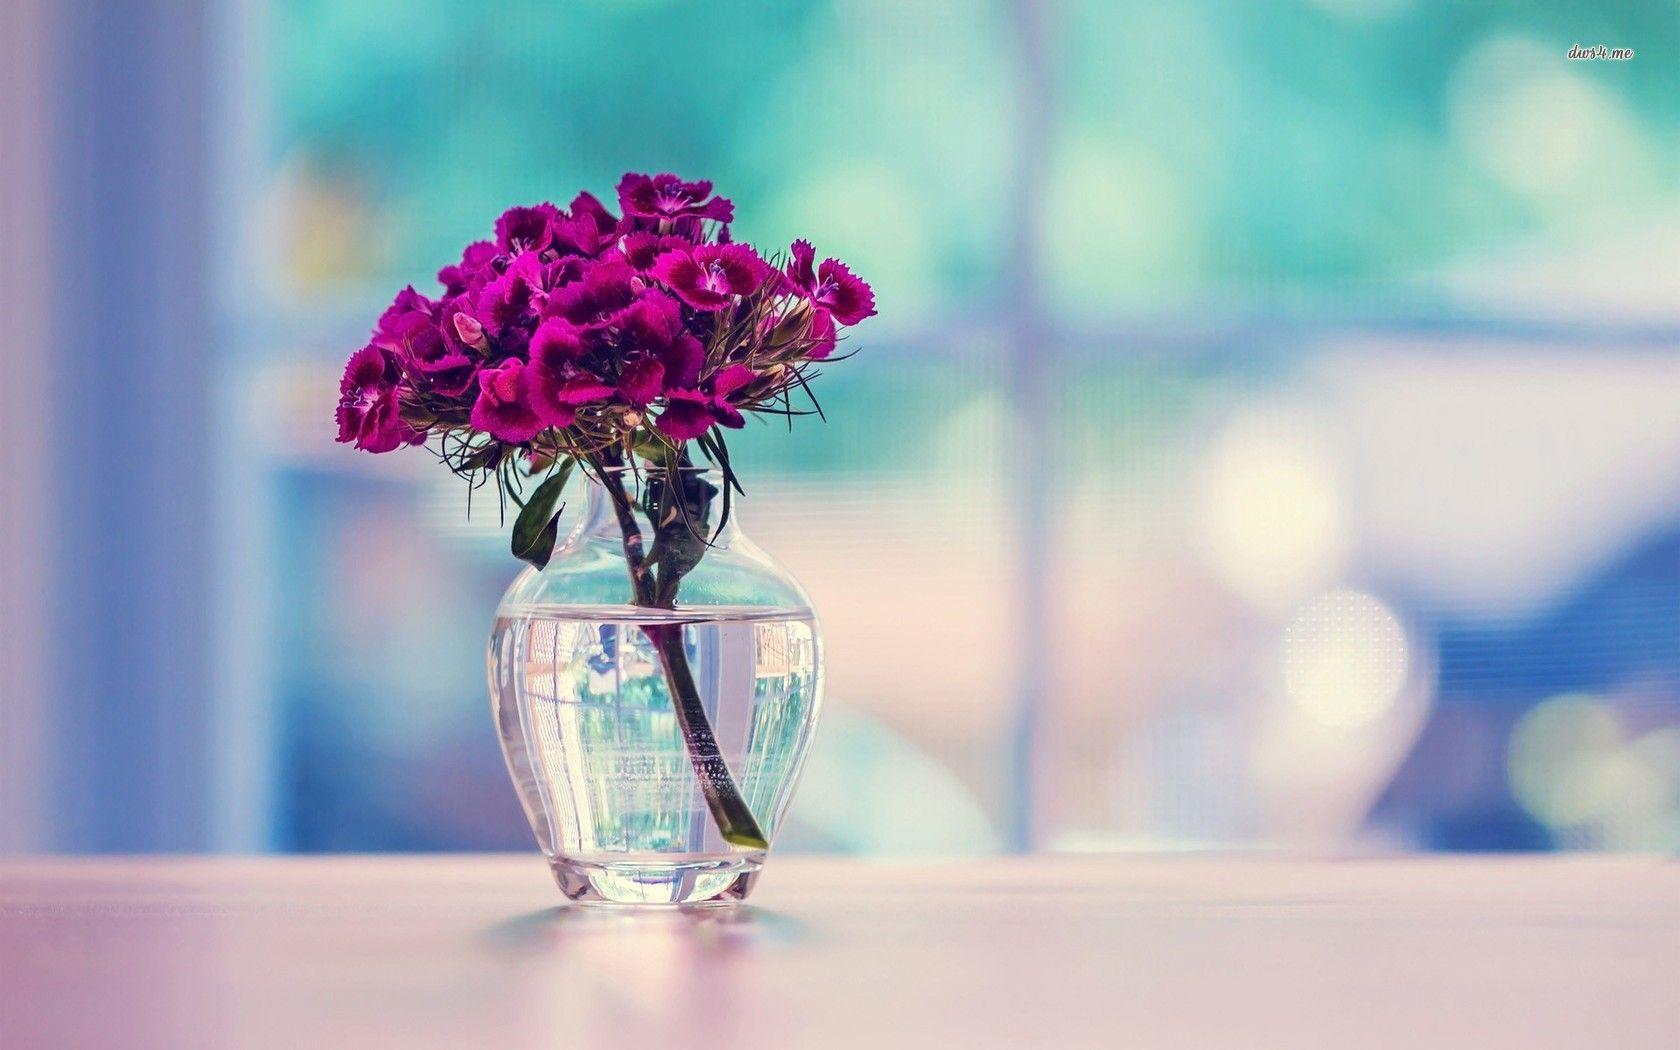 Dianthus Bouquet In A Vase Hd Wallpaper Unique Flower Vases Beautiful Bouquet Of Flowers Spring Flower Bouquet Fantastic flower vase wallpaper images